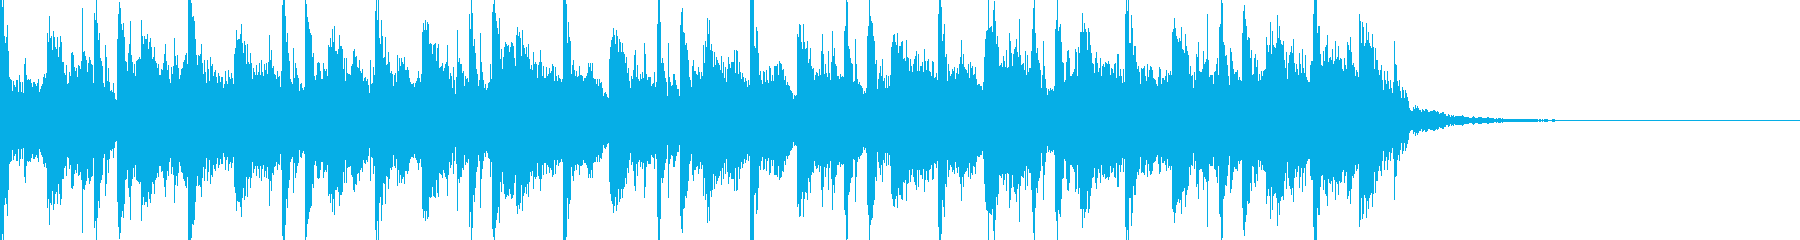 ジングル:緊張感と軽快感のある和風15秒の再生済みの波形